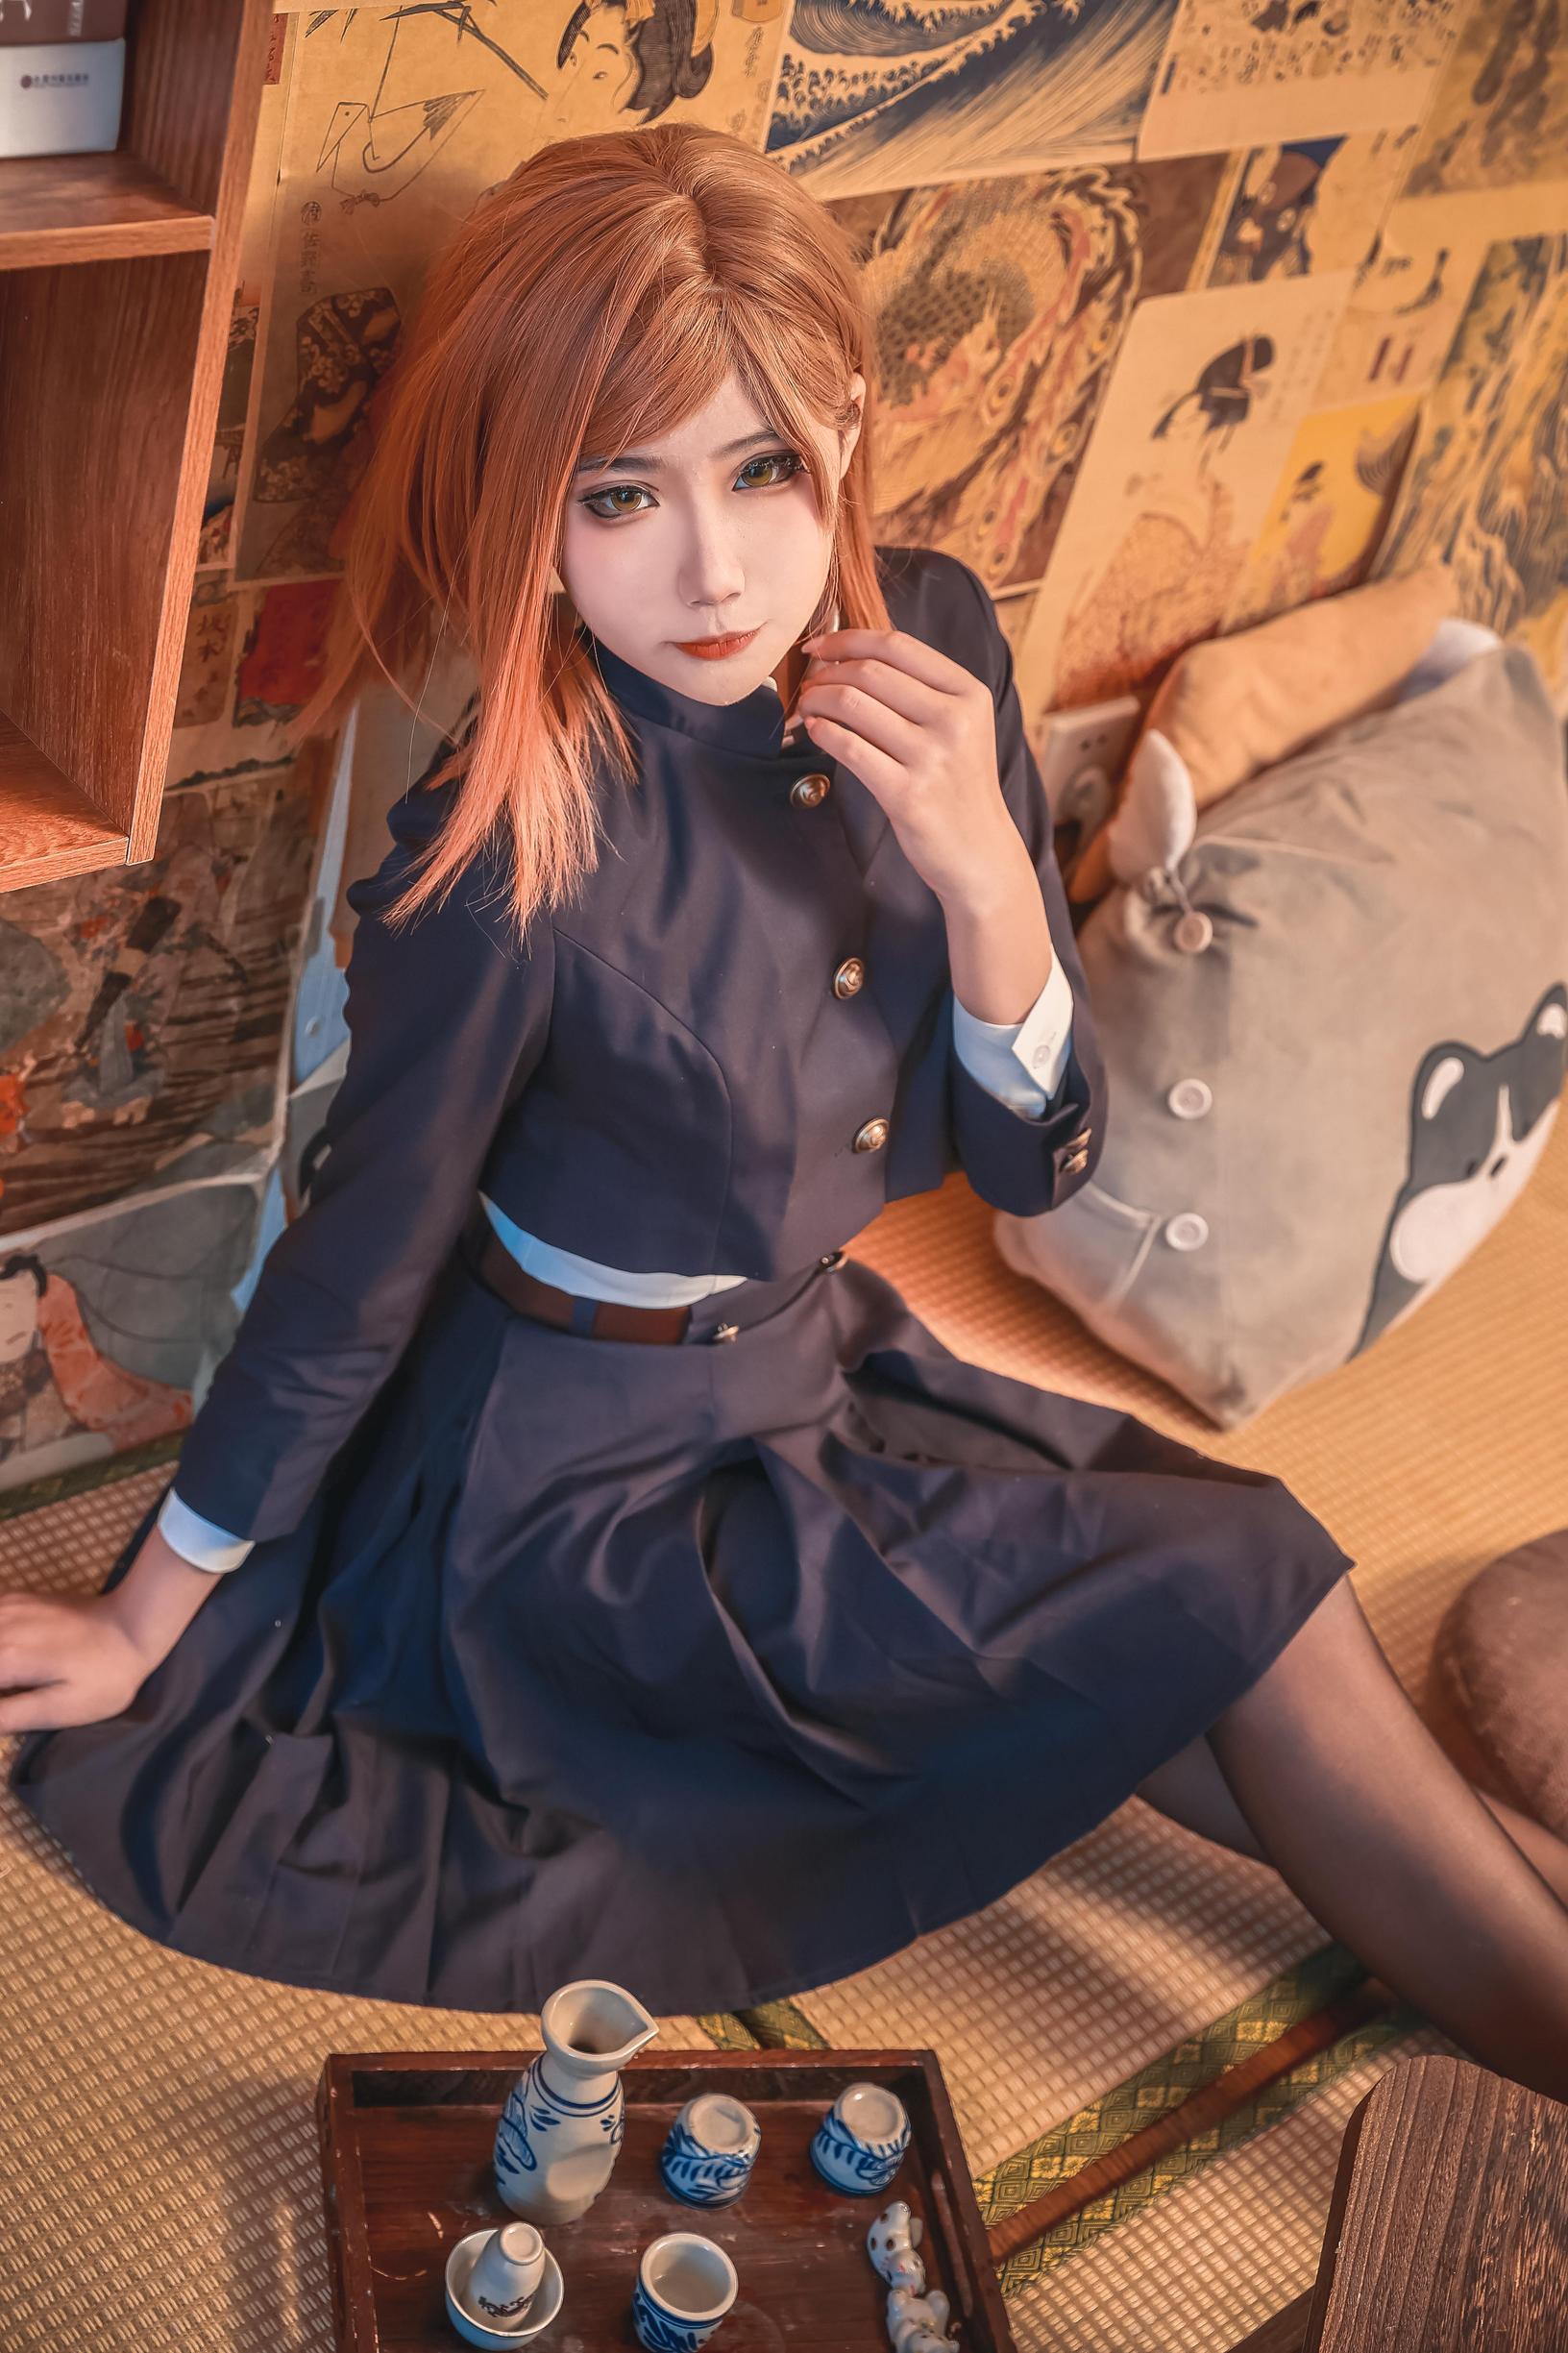 《咒术回战》正片cosplay【CN:罗真.】 -魔道祖师cosplay服图片插图